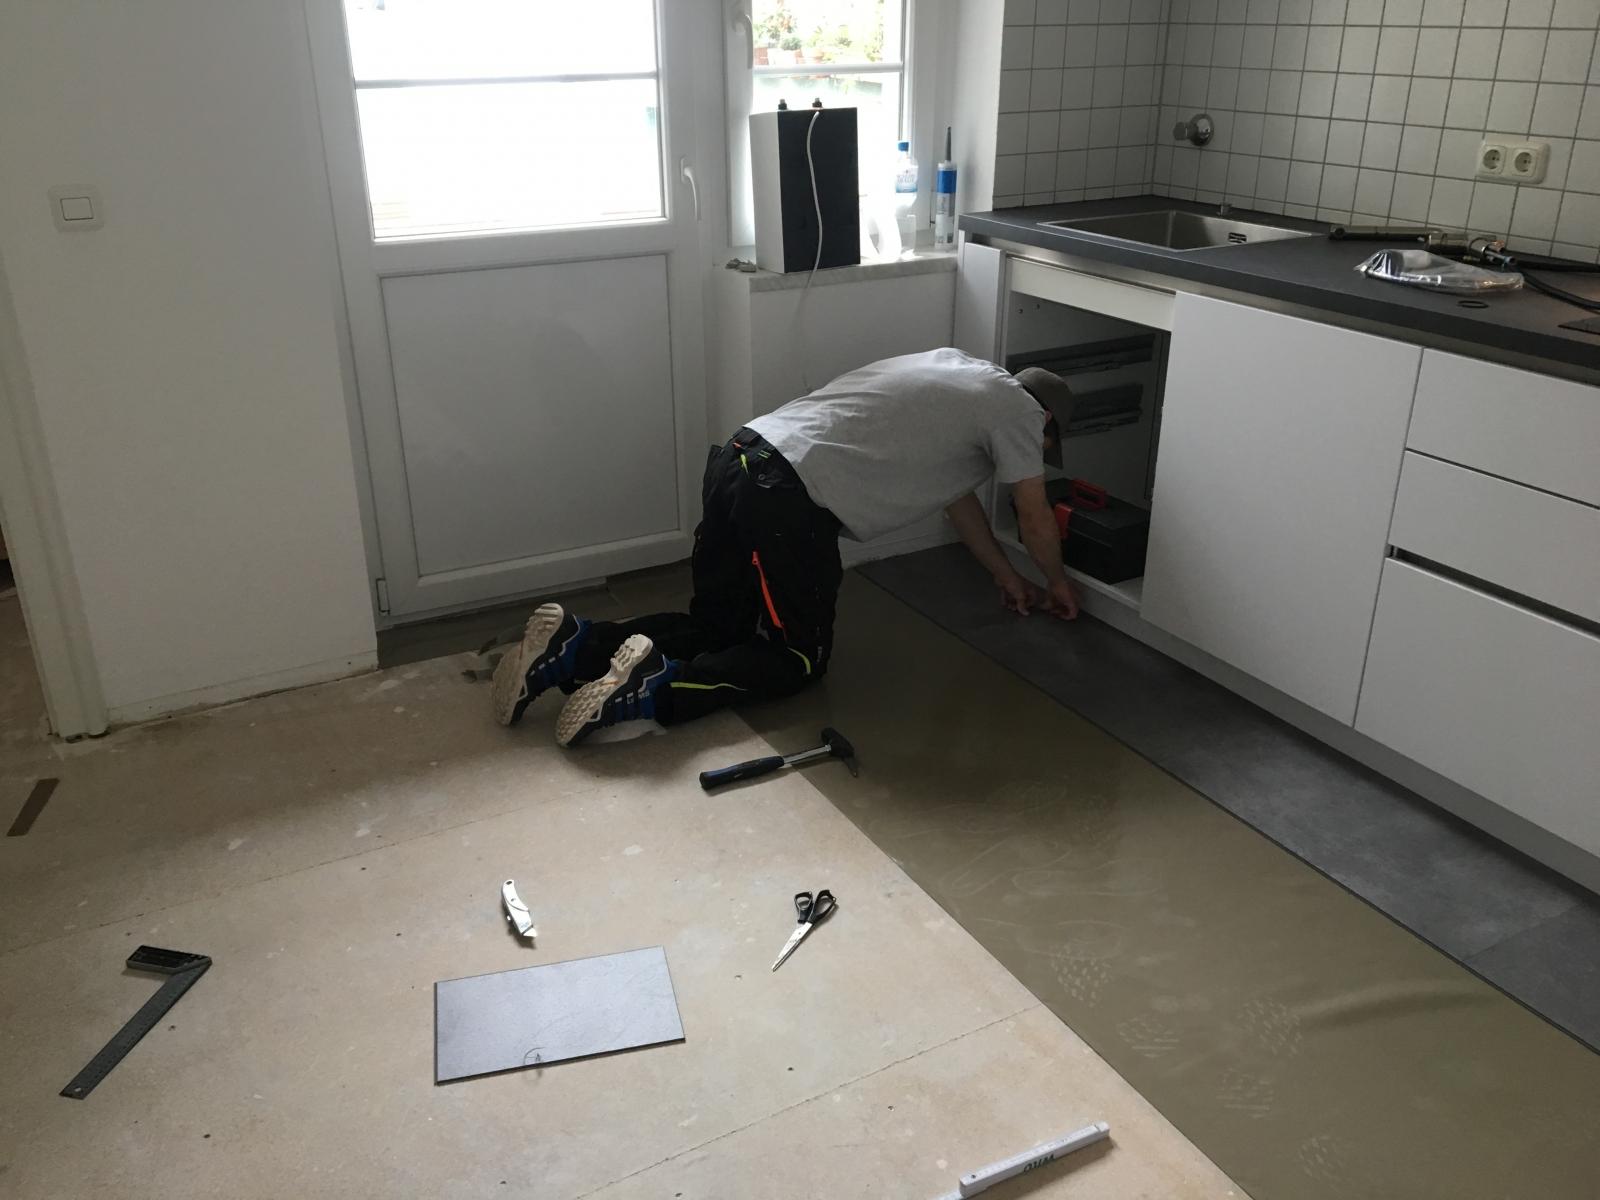 Full Size of Home Celina Und Luka Verlegen Ihren Neuen Boden Vinylboden Im Bad Wohnzimmer Badezimmer Vinyl Küche Fürs Wohnzimmer Küchenboden Vinyl